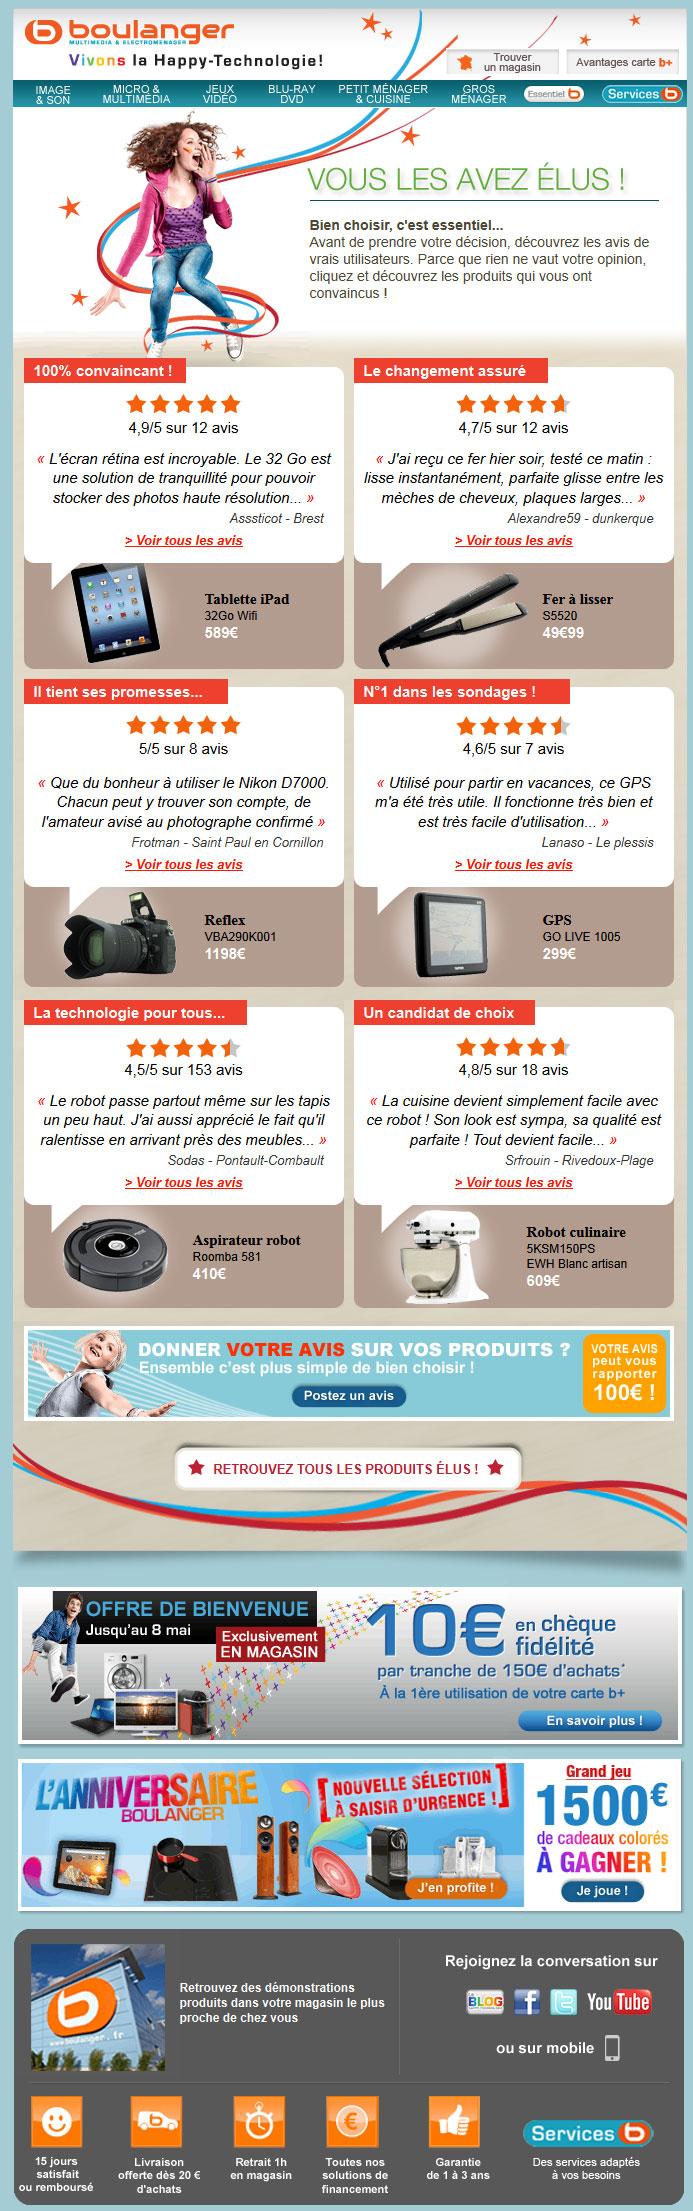 Newsletter Boulanger 05.05.2012